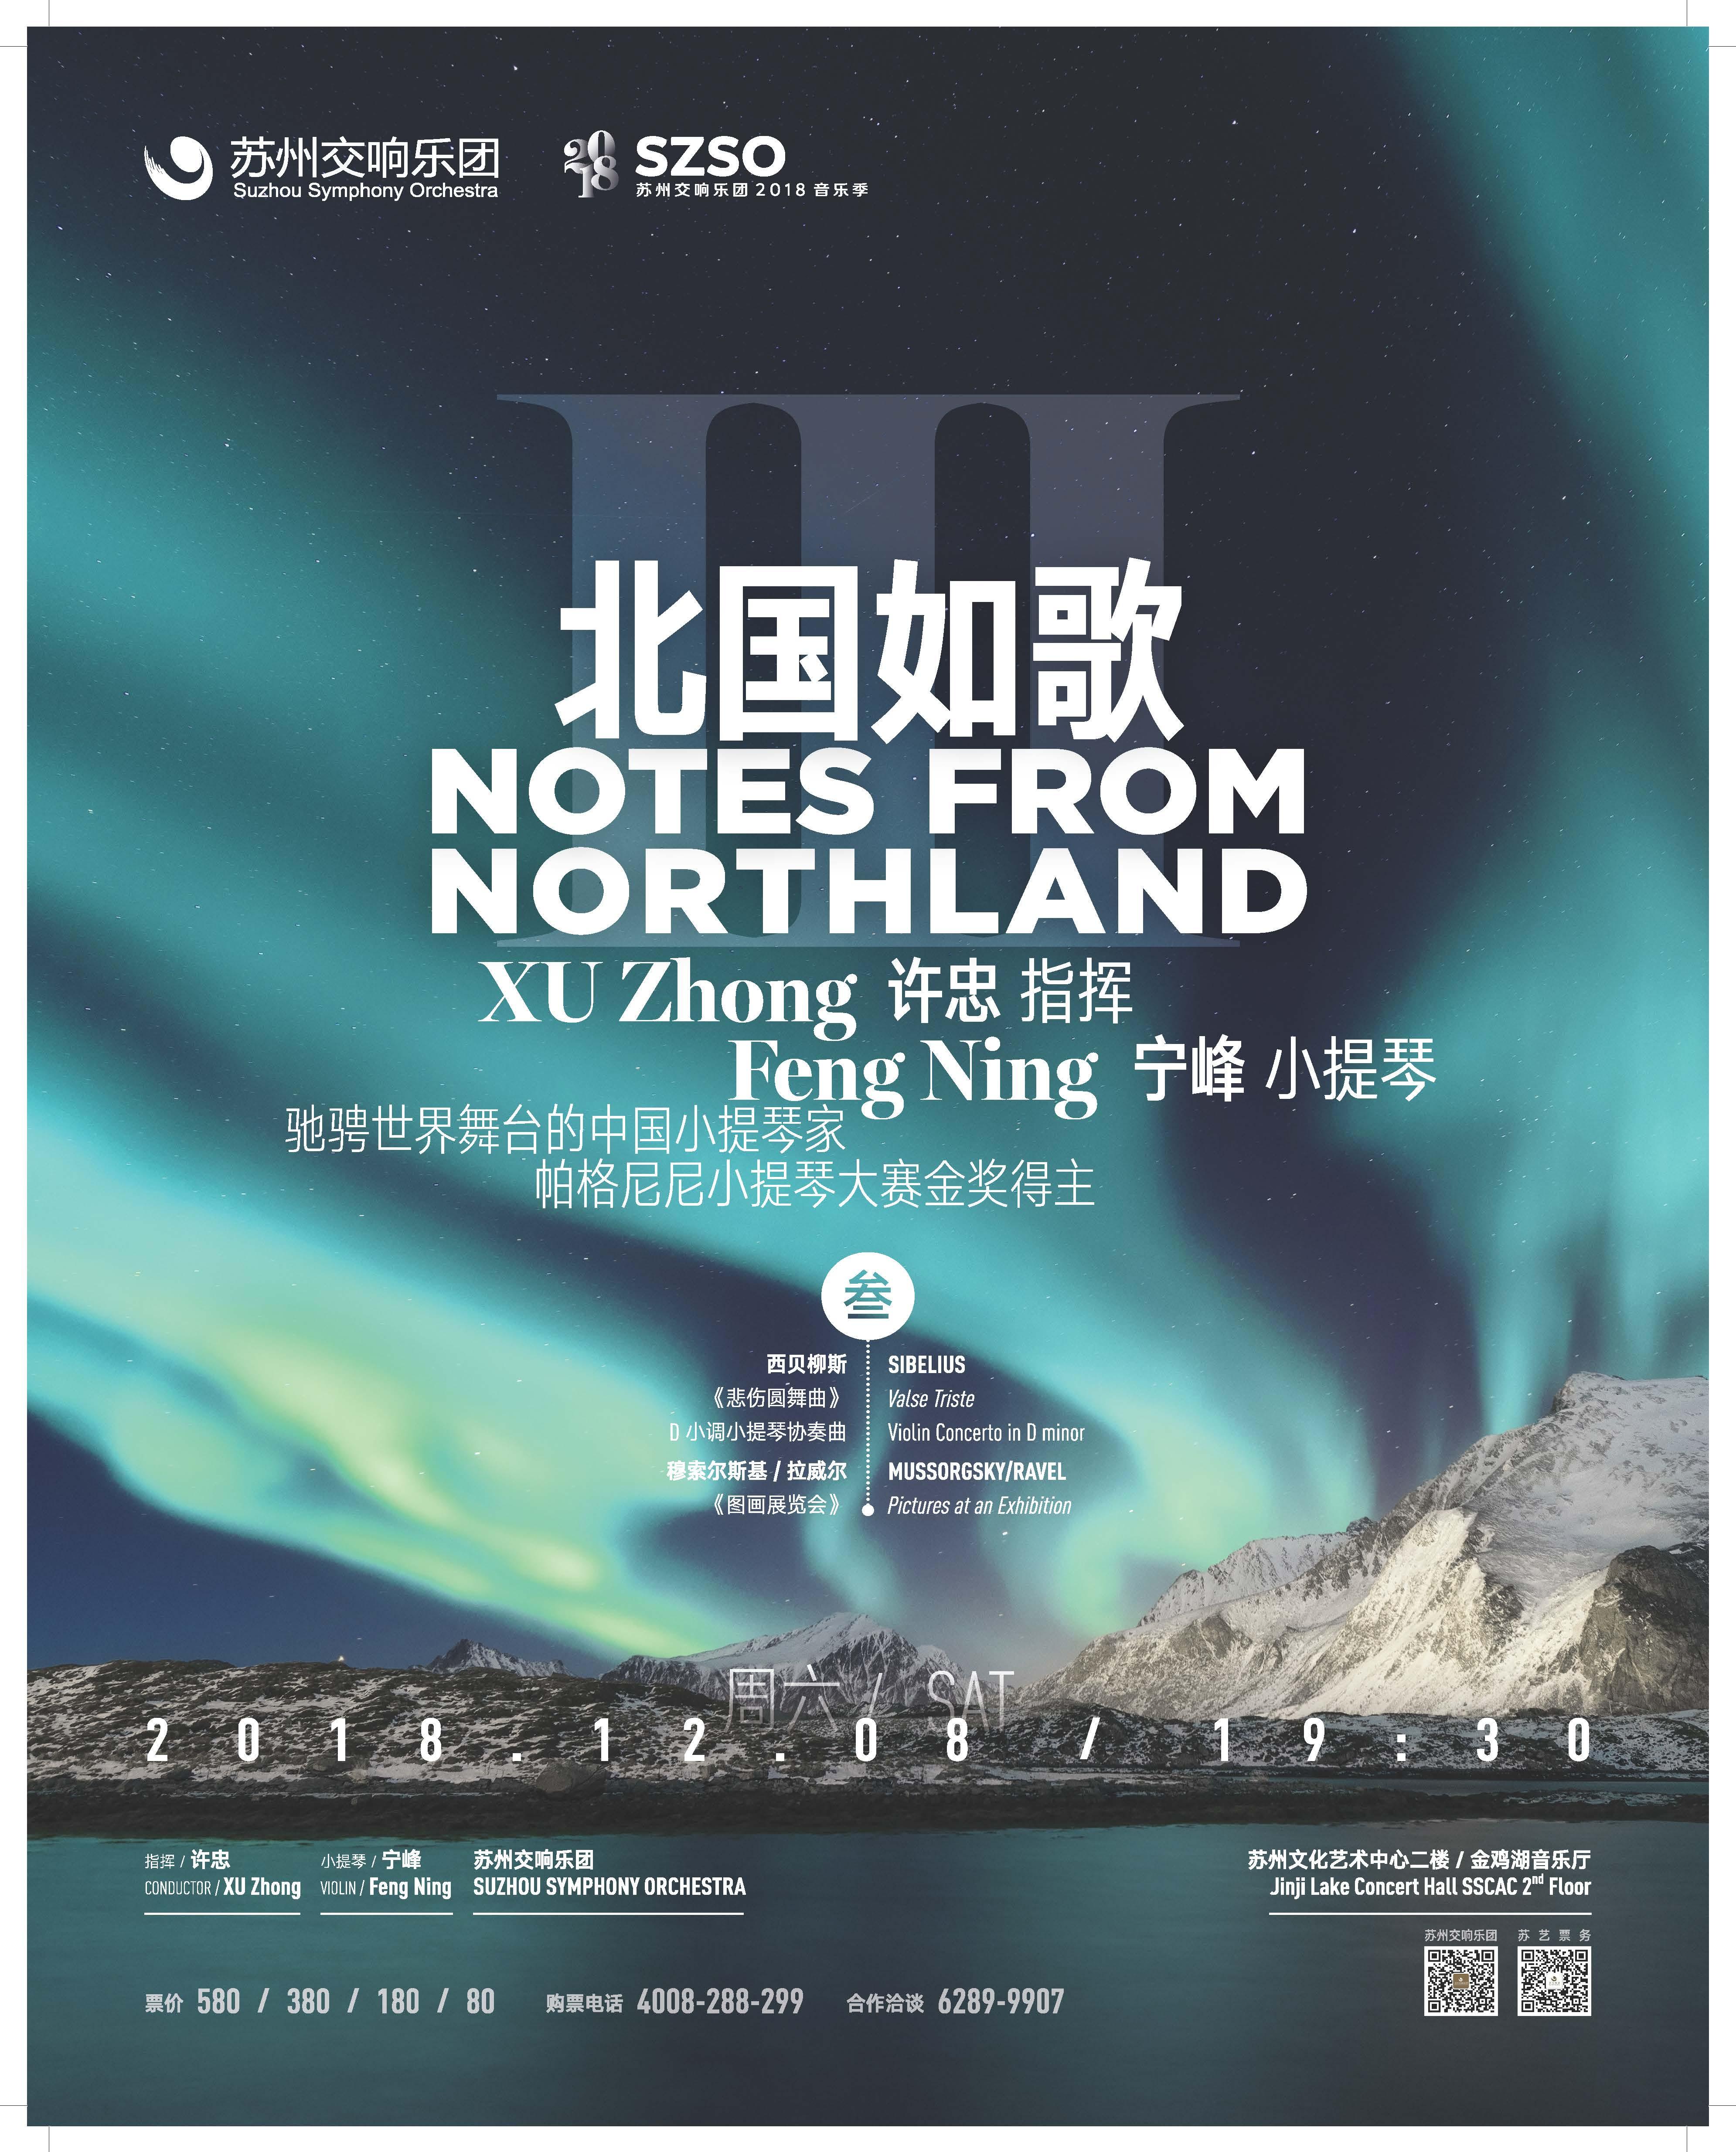 苏州交响乐团2018音乐季—北国如歌/叁